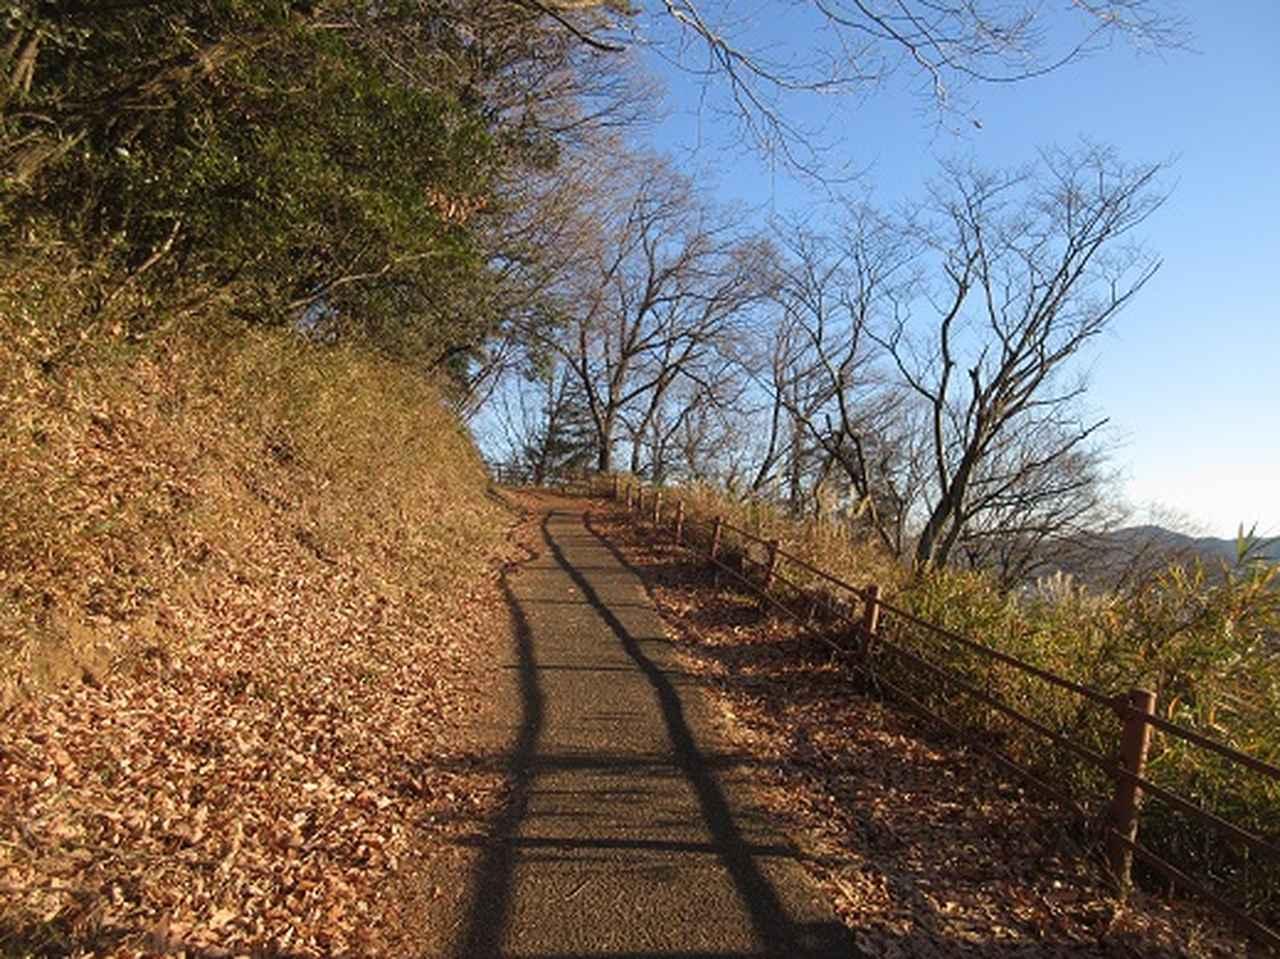 画像1: 【山旅会・登山ガイドこだわりツアー】岡田ガイドからの便り・足利行道山ツアーのご案内